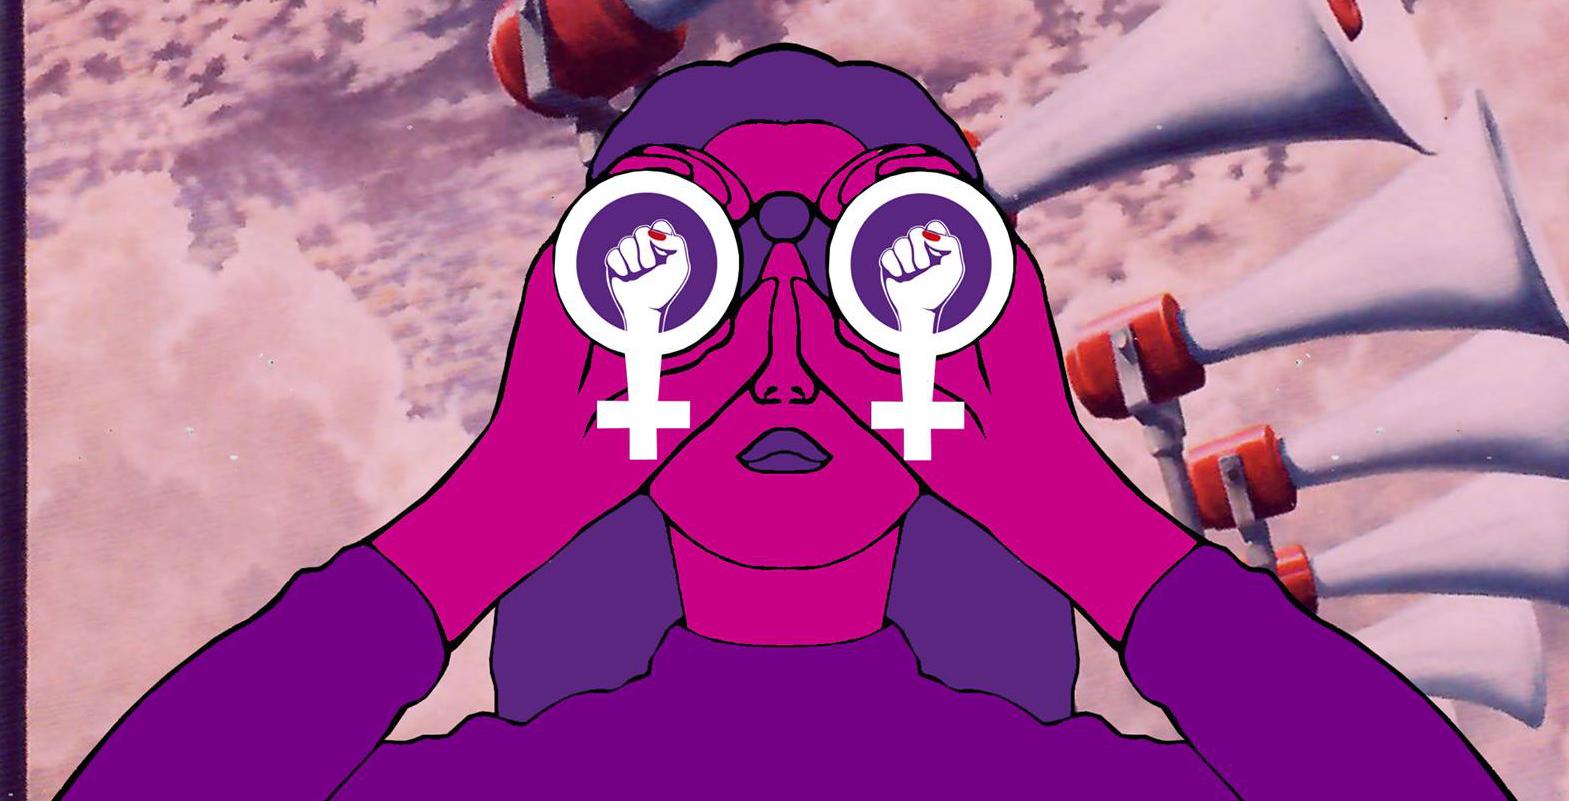 Logo des Frauenstreik Kollektivs Zürich